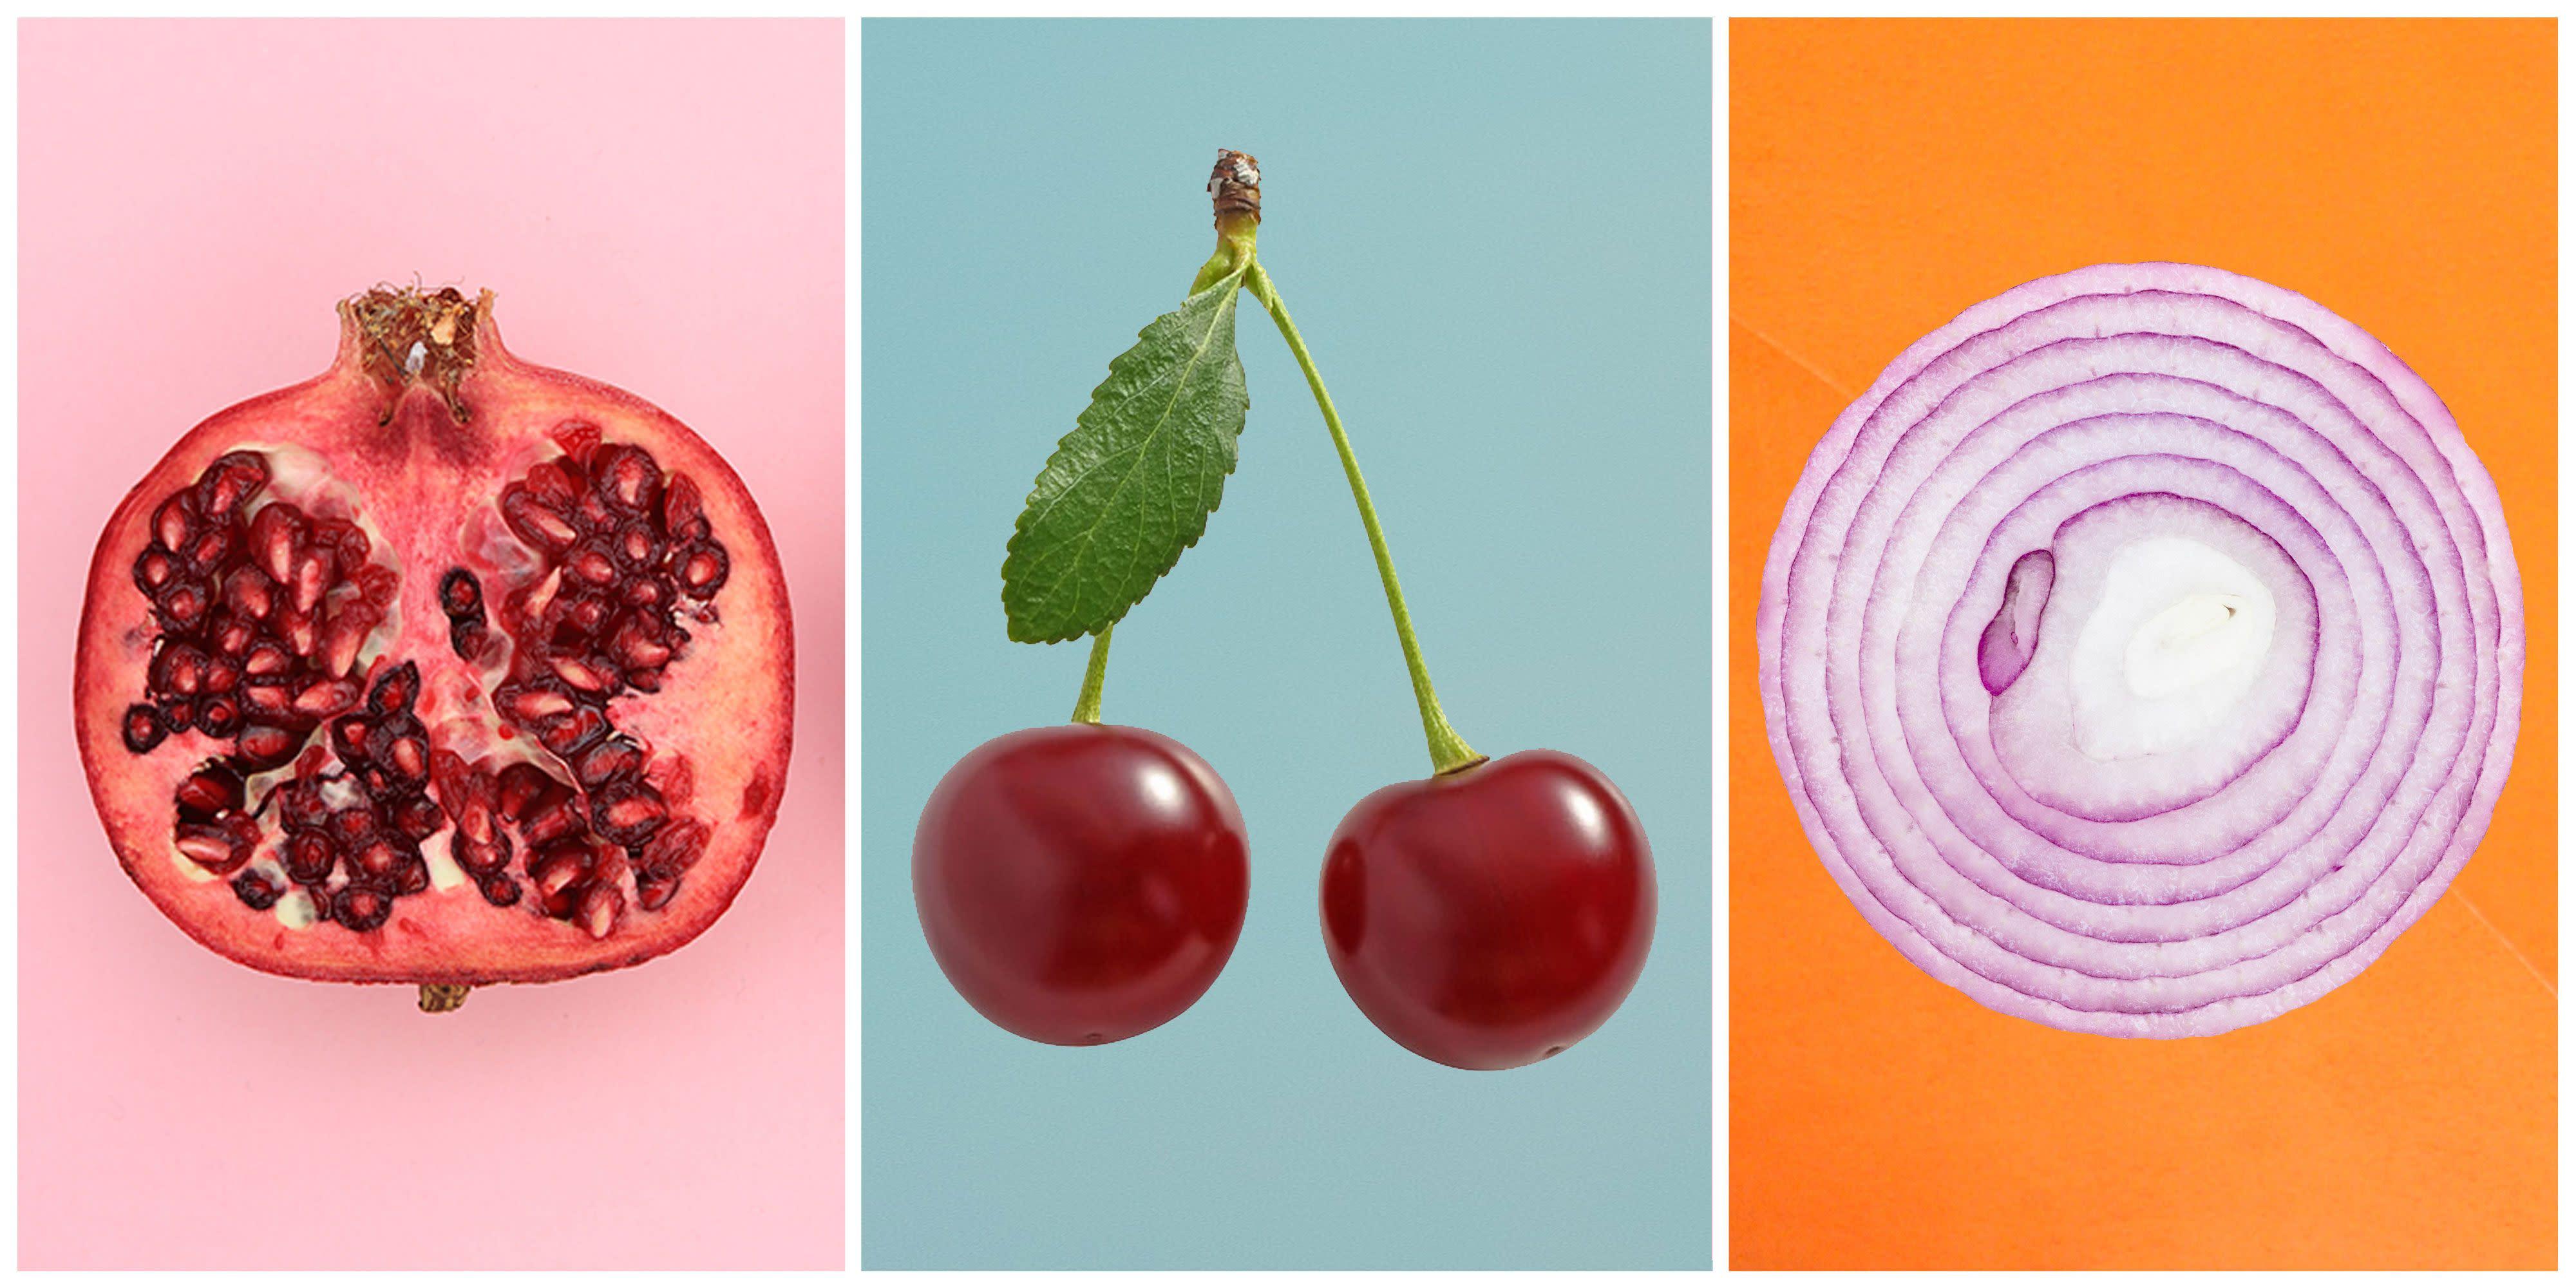 The Best Cholesterol-Lowering Foods